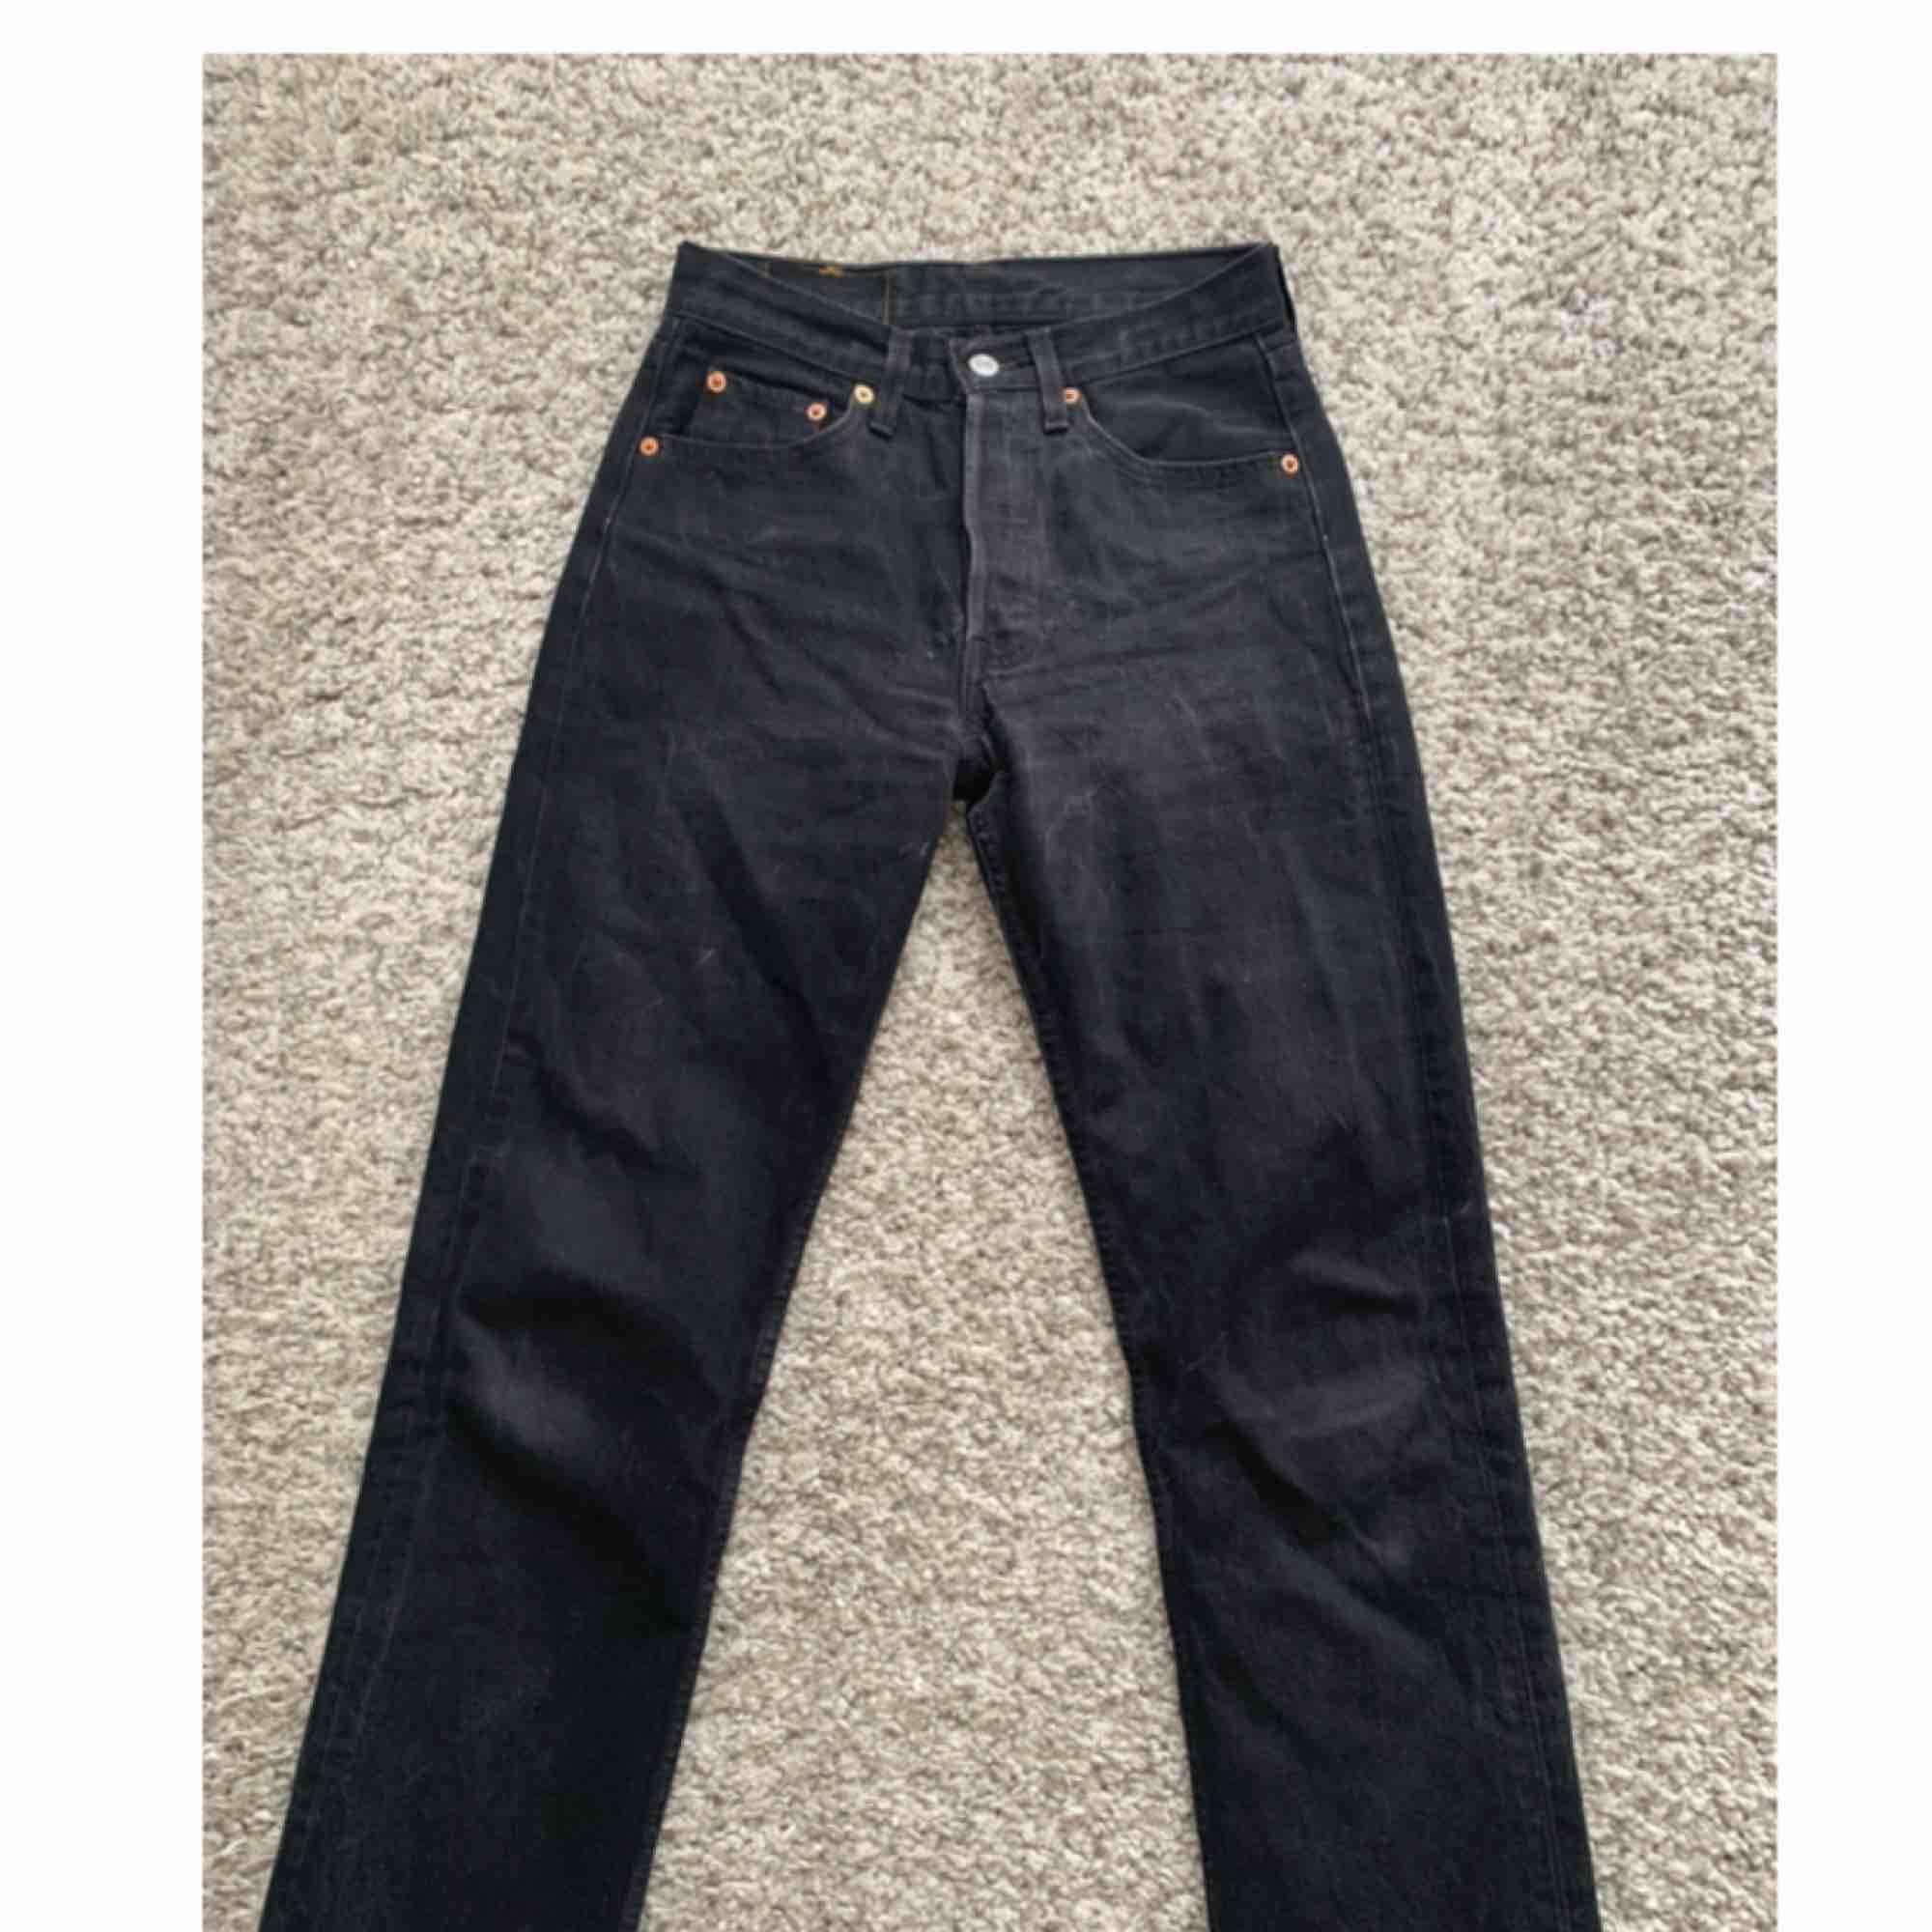 Vintage Levi's 501 köpta från Asos Marketplace. Mellanhög midja och storlek W27 L30 men skulle säga att de passar bra på en XS. I gott skick, frakt 60 kr tillkommer.. Jeans & Byxor.